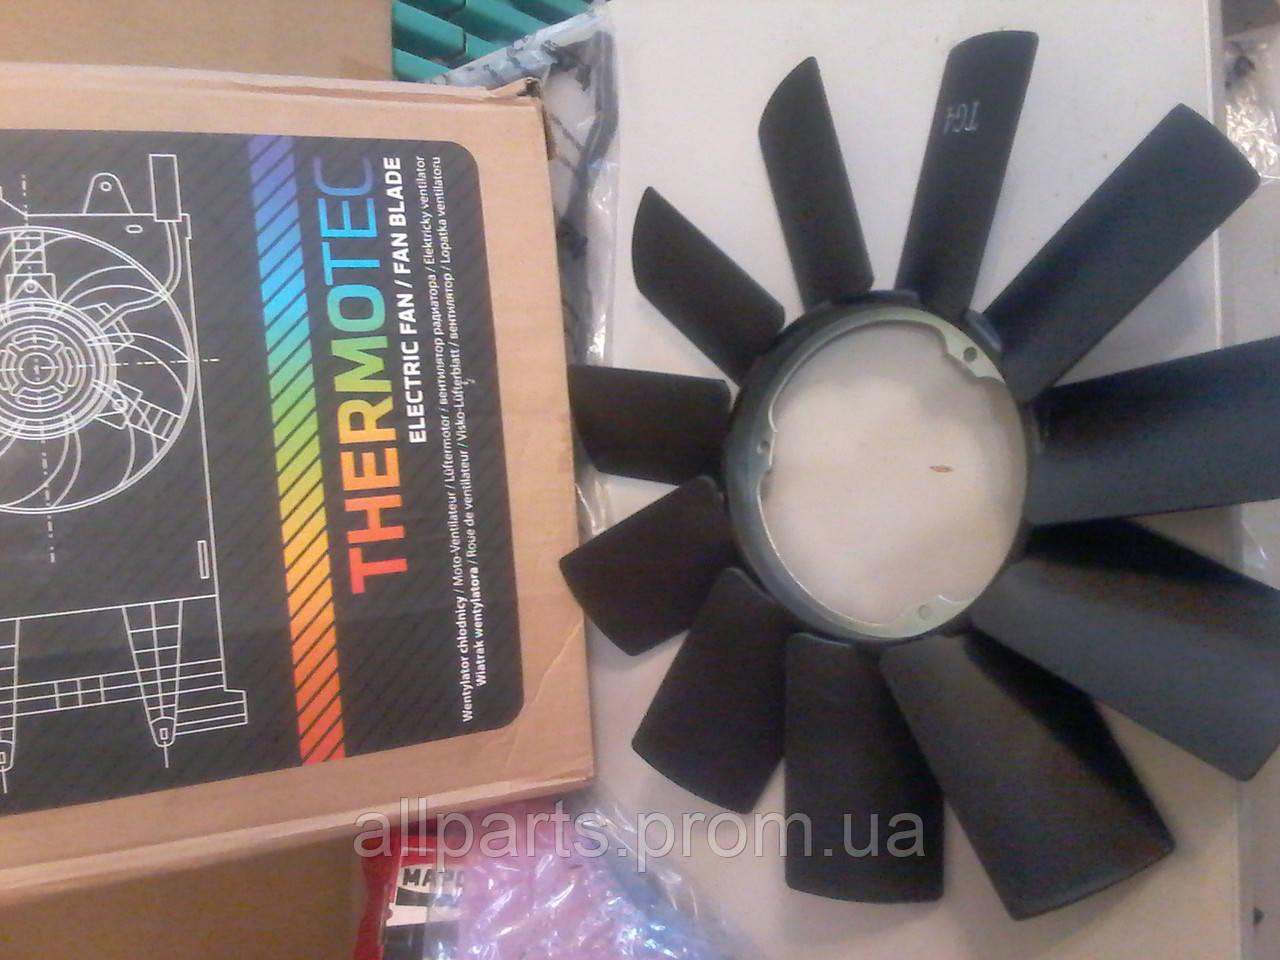 Вентилятор охлаждения двигателя Thermotec (производитель Термотех, страна Польша)